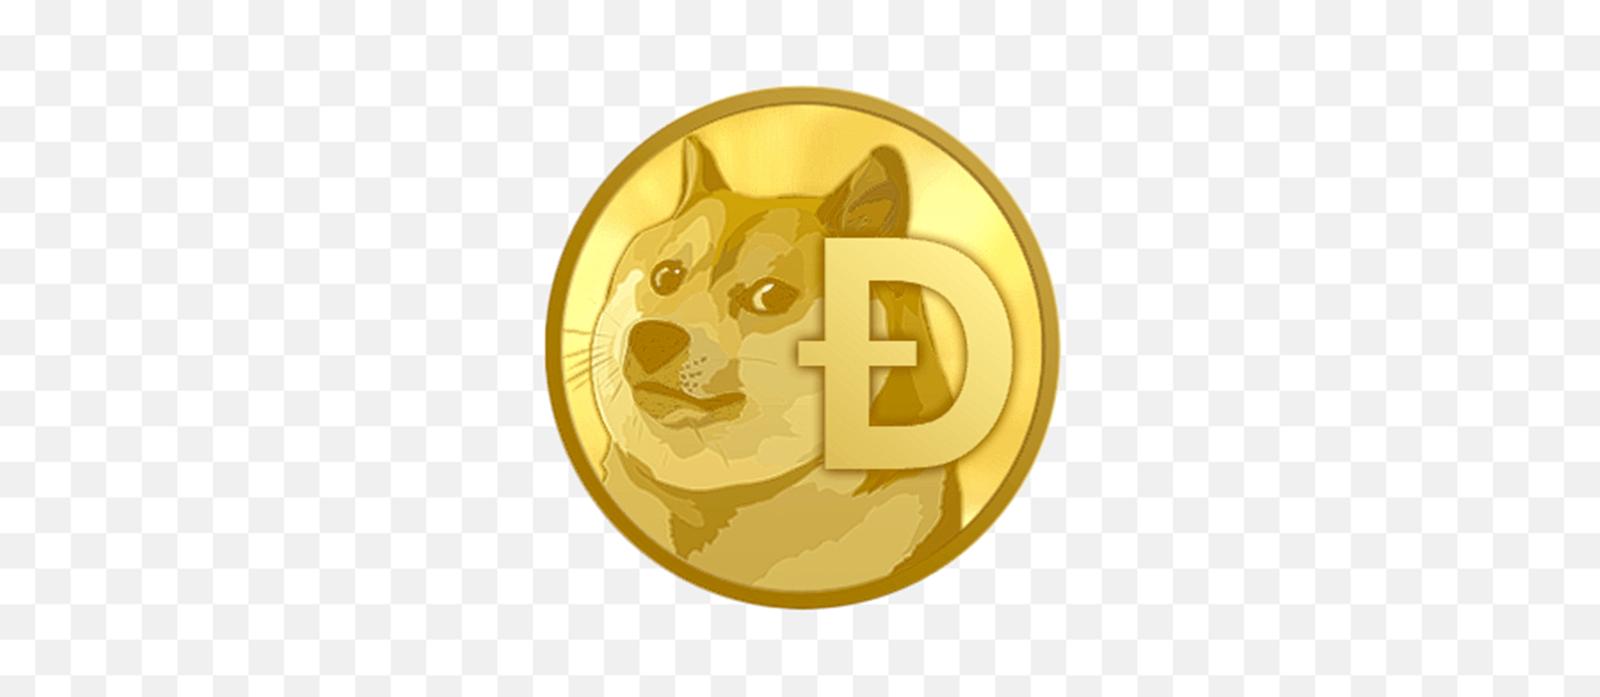 เหรียญคริปโตที่น่าลงทุนปี 2021 Dogecoin